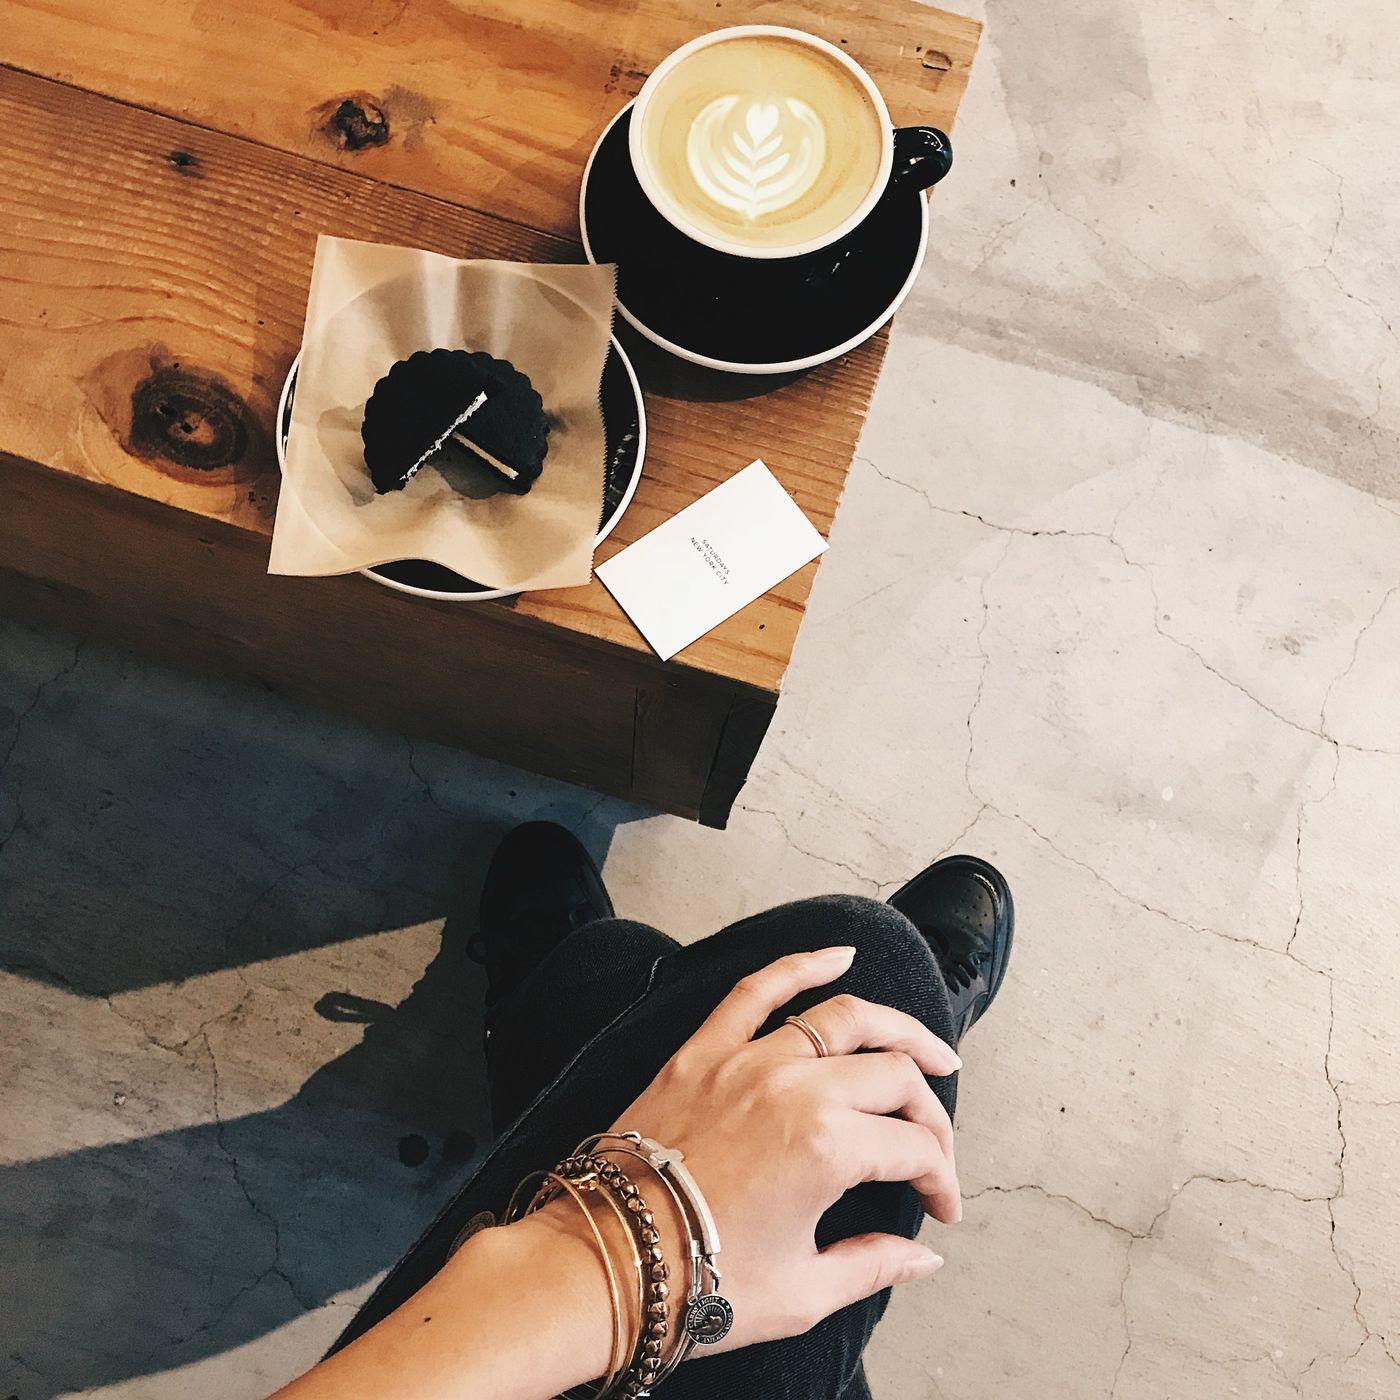 おいしいコーヒーが飲みたい♡名古屋の人気コーヒースタンド5選!!の画像